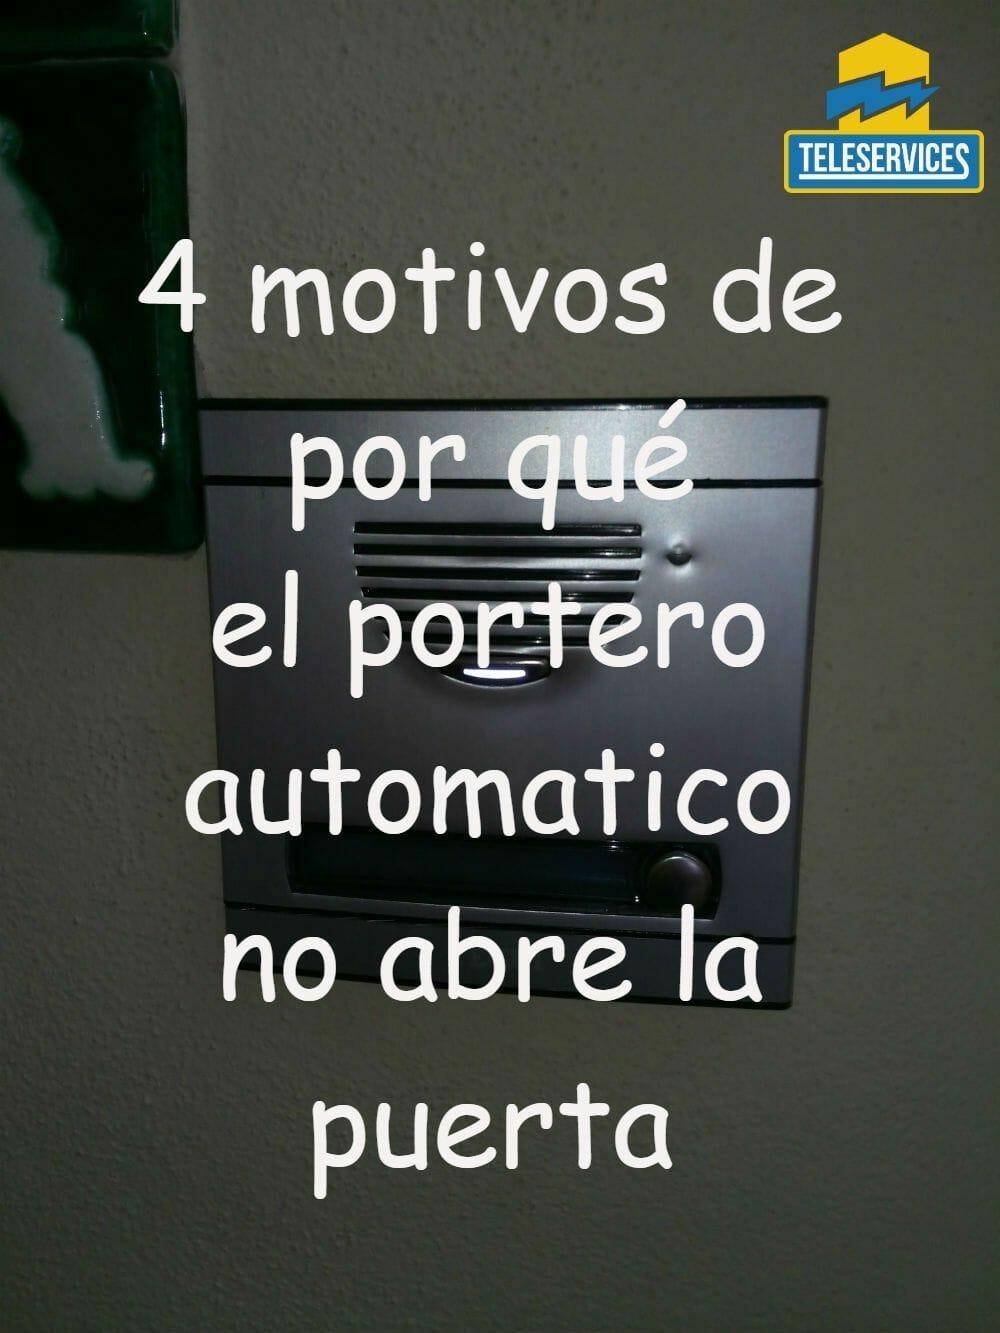 portero automatico no abre la puerta